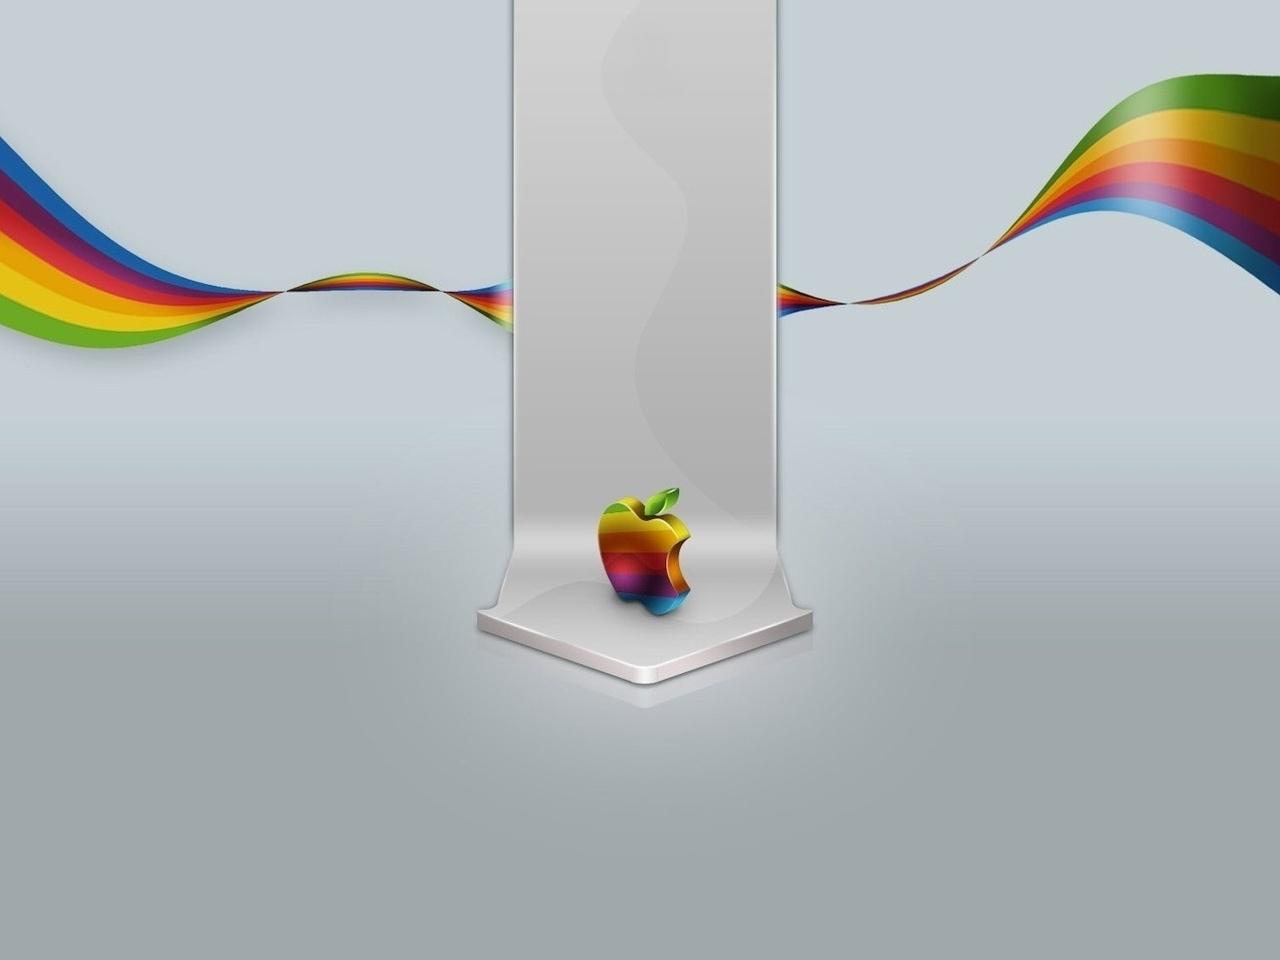 45539 скачать обои Бренды, Фон, Apple - заставки и картинки бесплатно